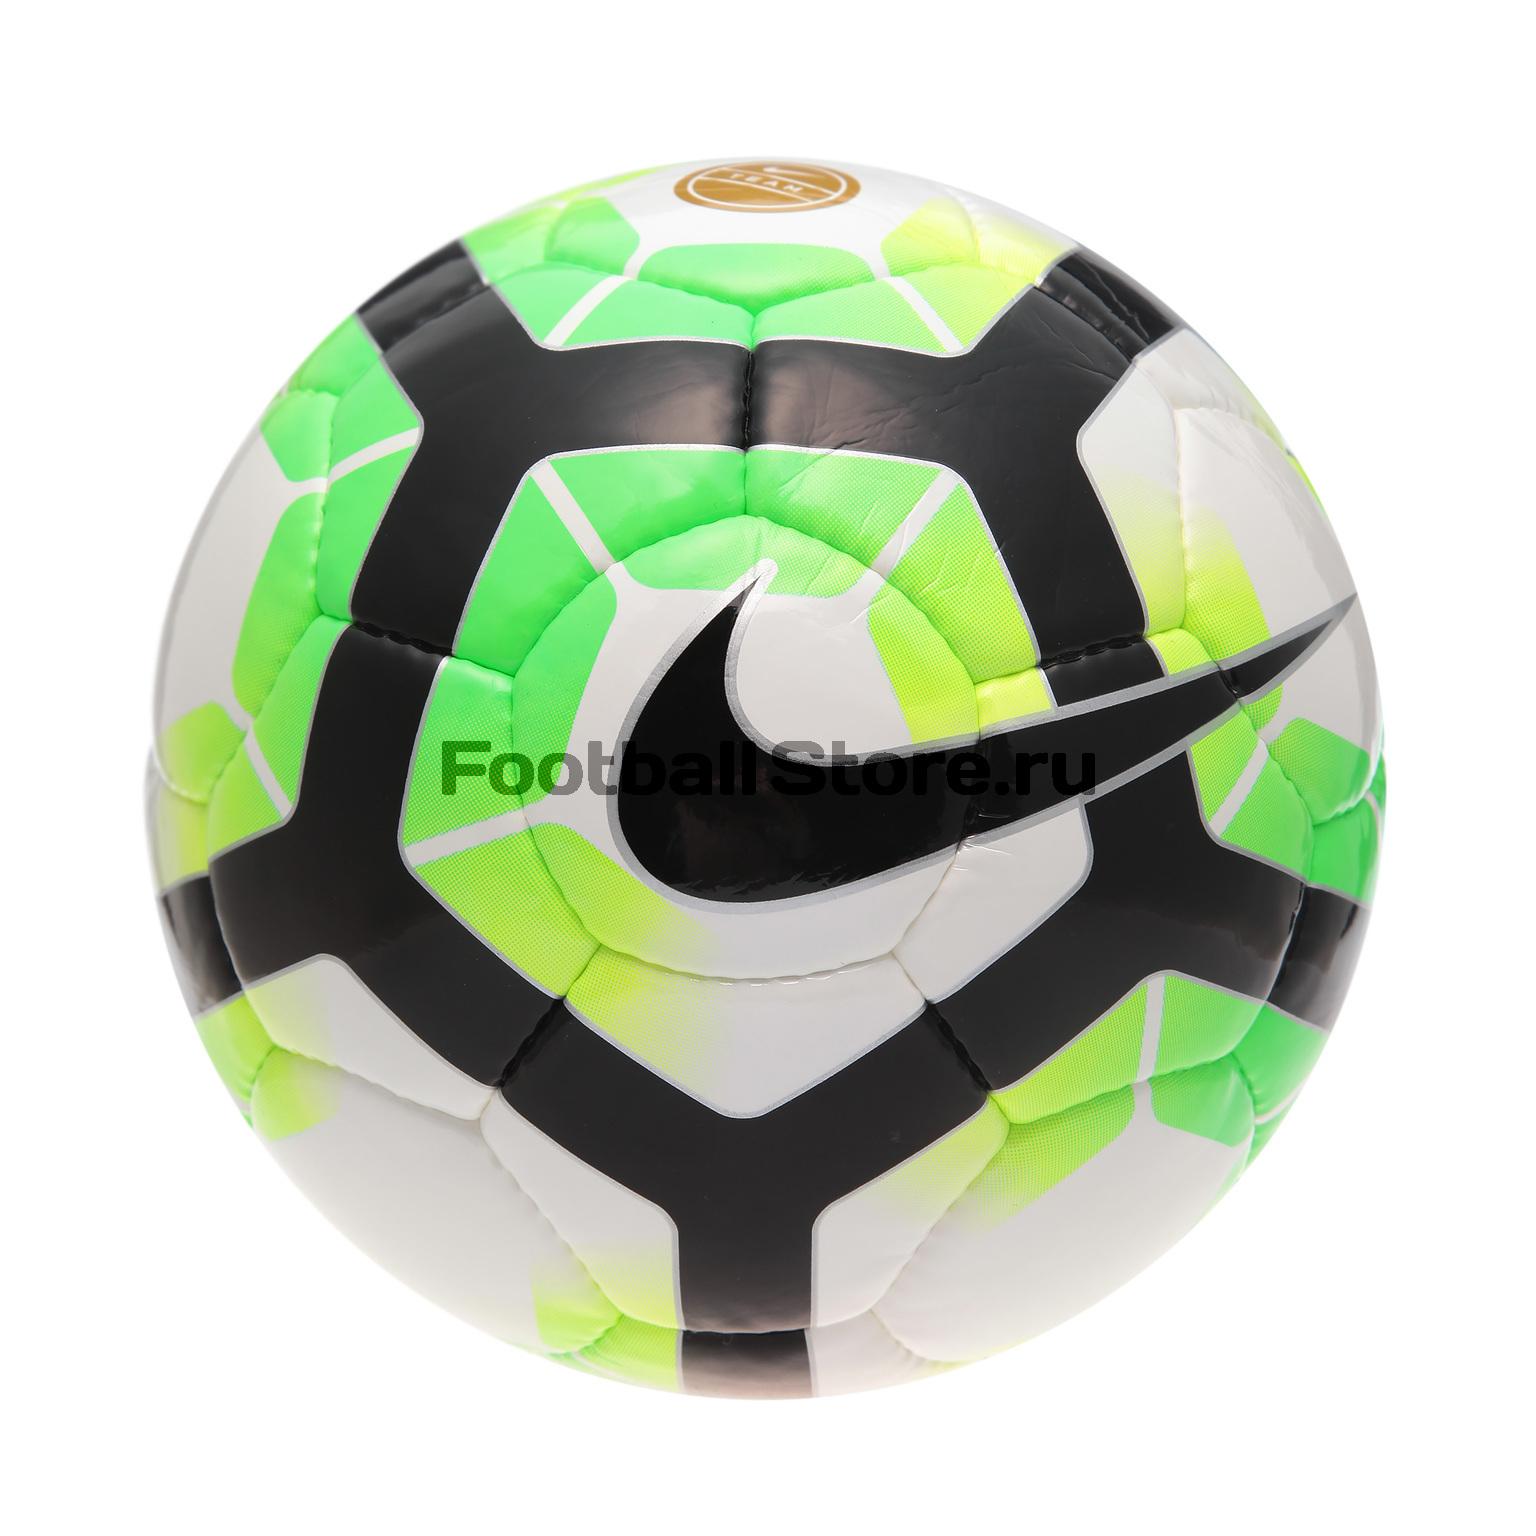 ... Футбольный мяч Nike NK Prmr Team SC2971-100. О ТОВАРЕ  РАСЧЕТ ДОСТАВКИ 84ae5a7236c72